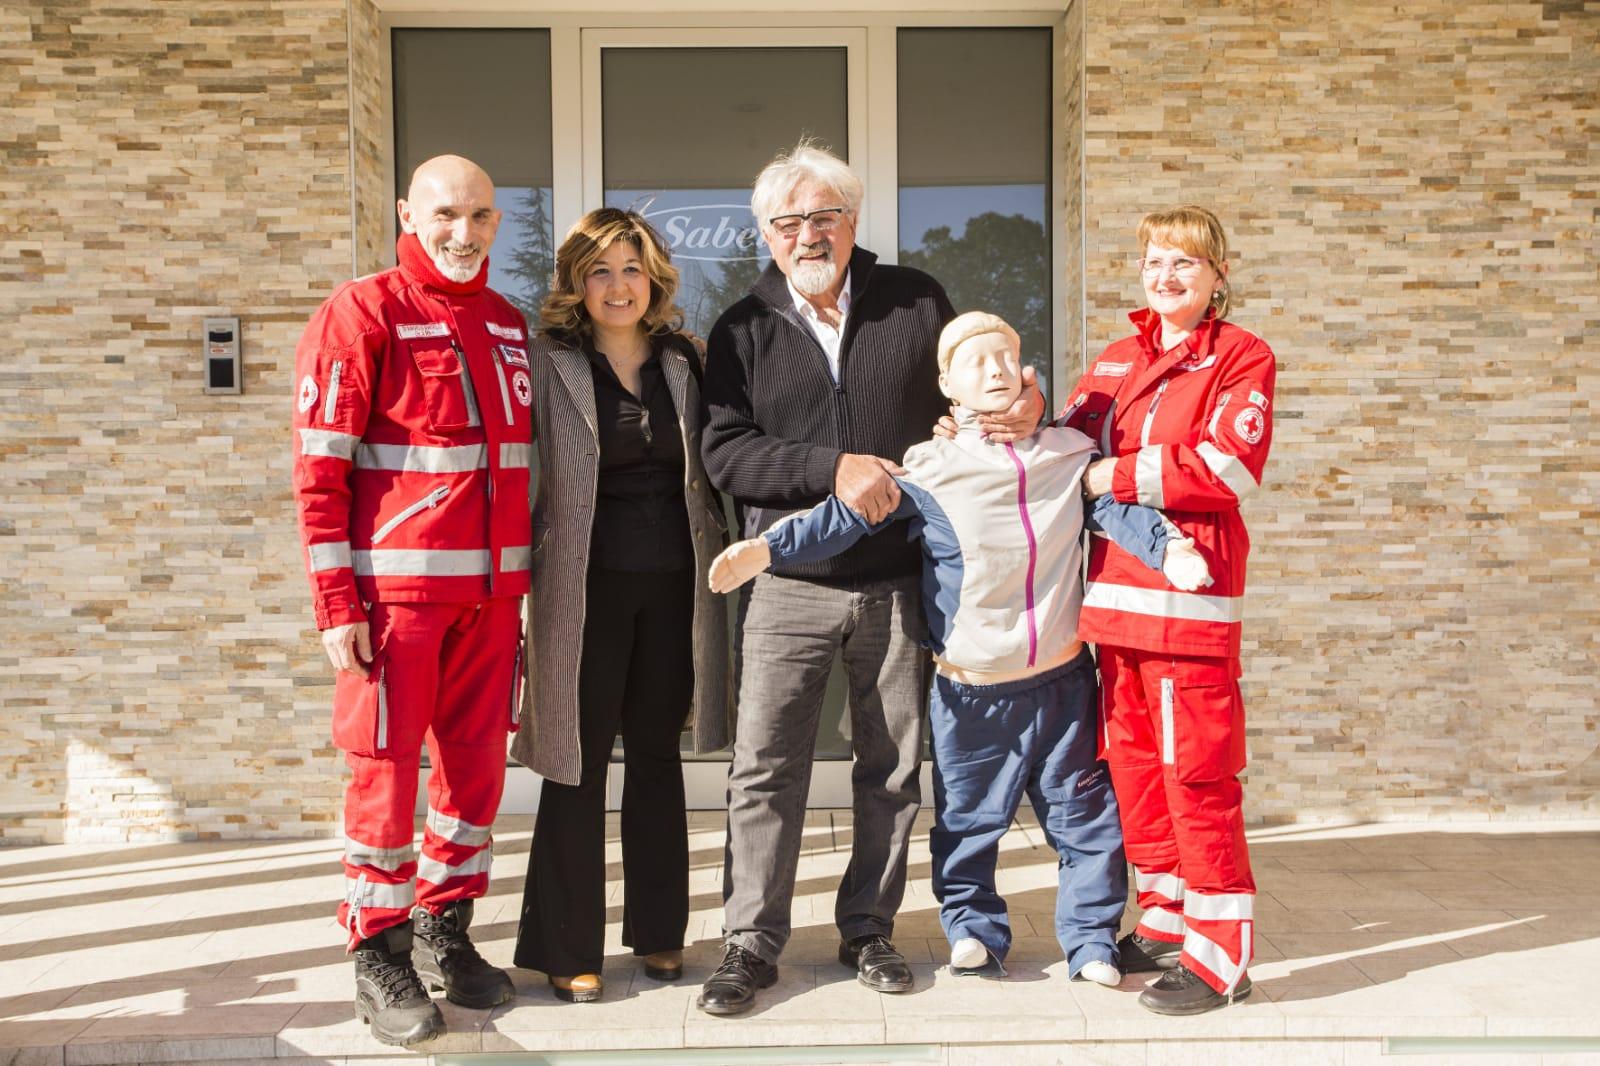 Ascoli Sabelli Group E Vicino Alla Croce Rossa Di Ascoli Piceno Notizie Ascoli E Provincia Picena Cityrumors News In Tempo Reale